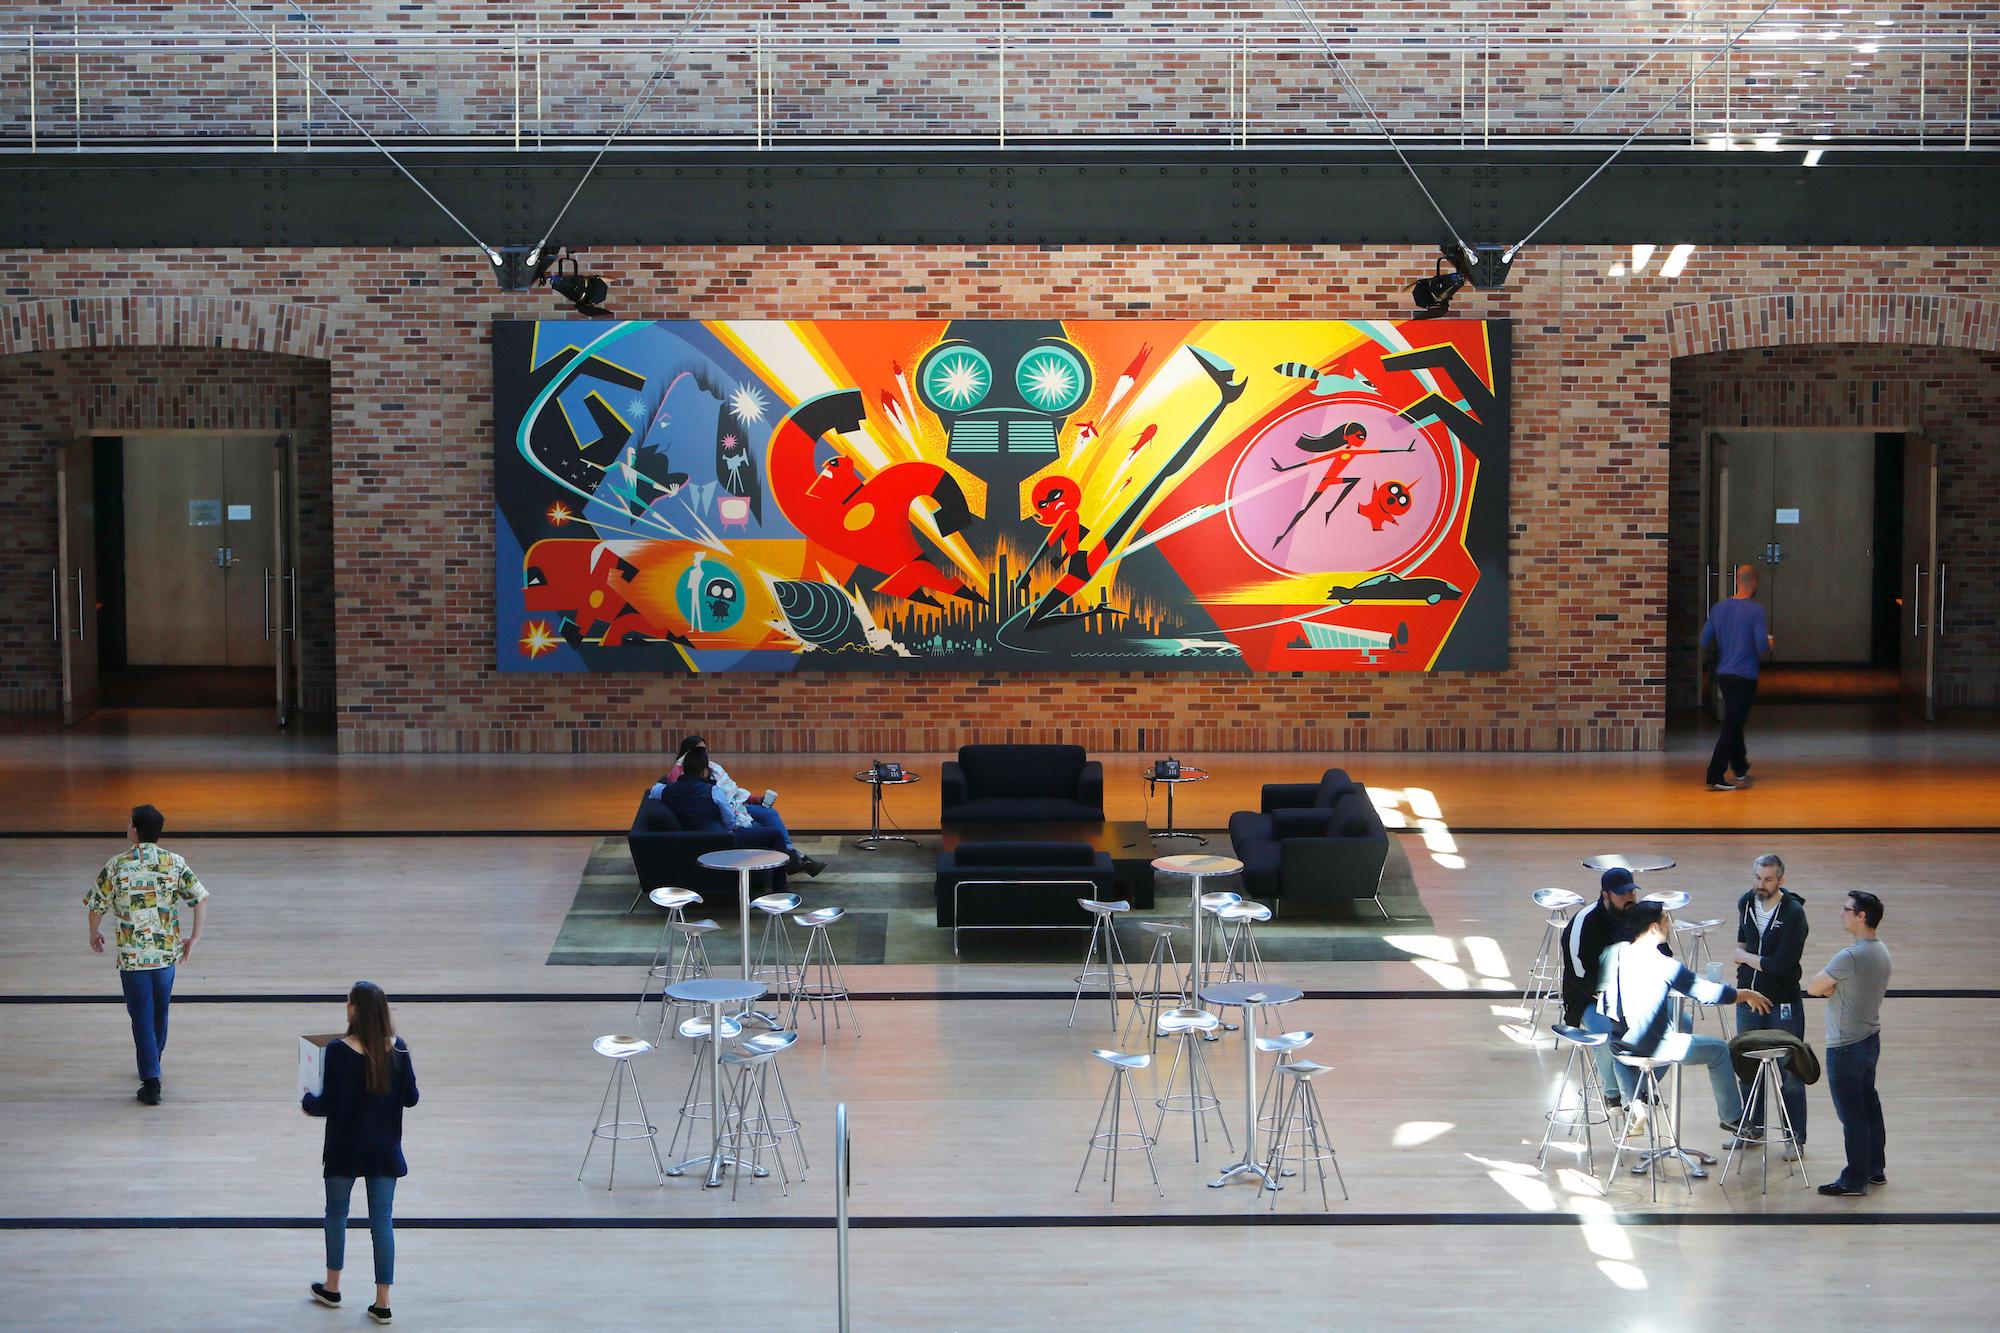 Incredibles 2 Concept Wall Art at Pixar Studios